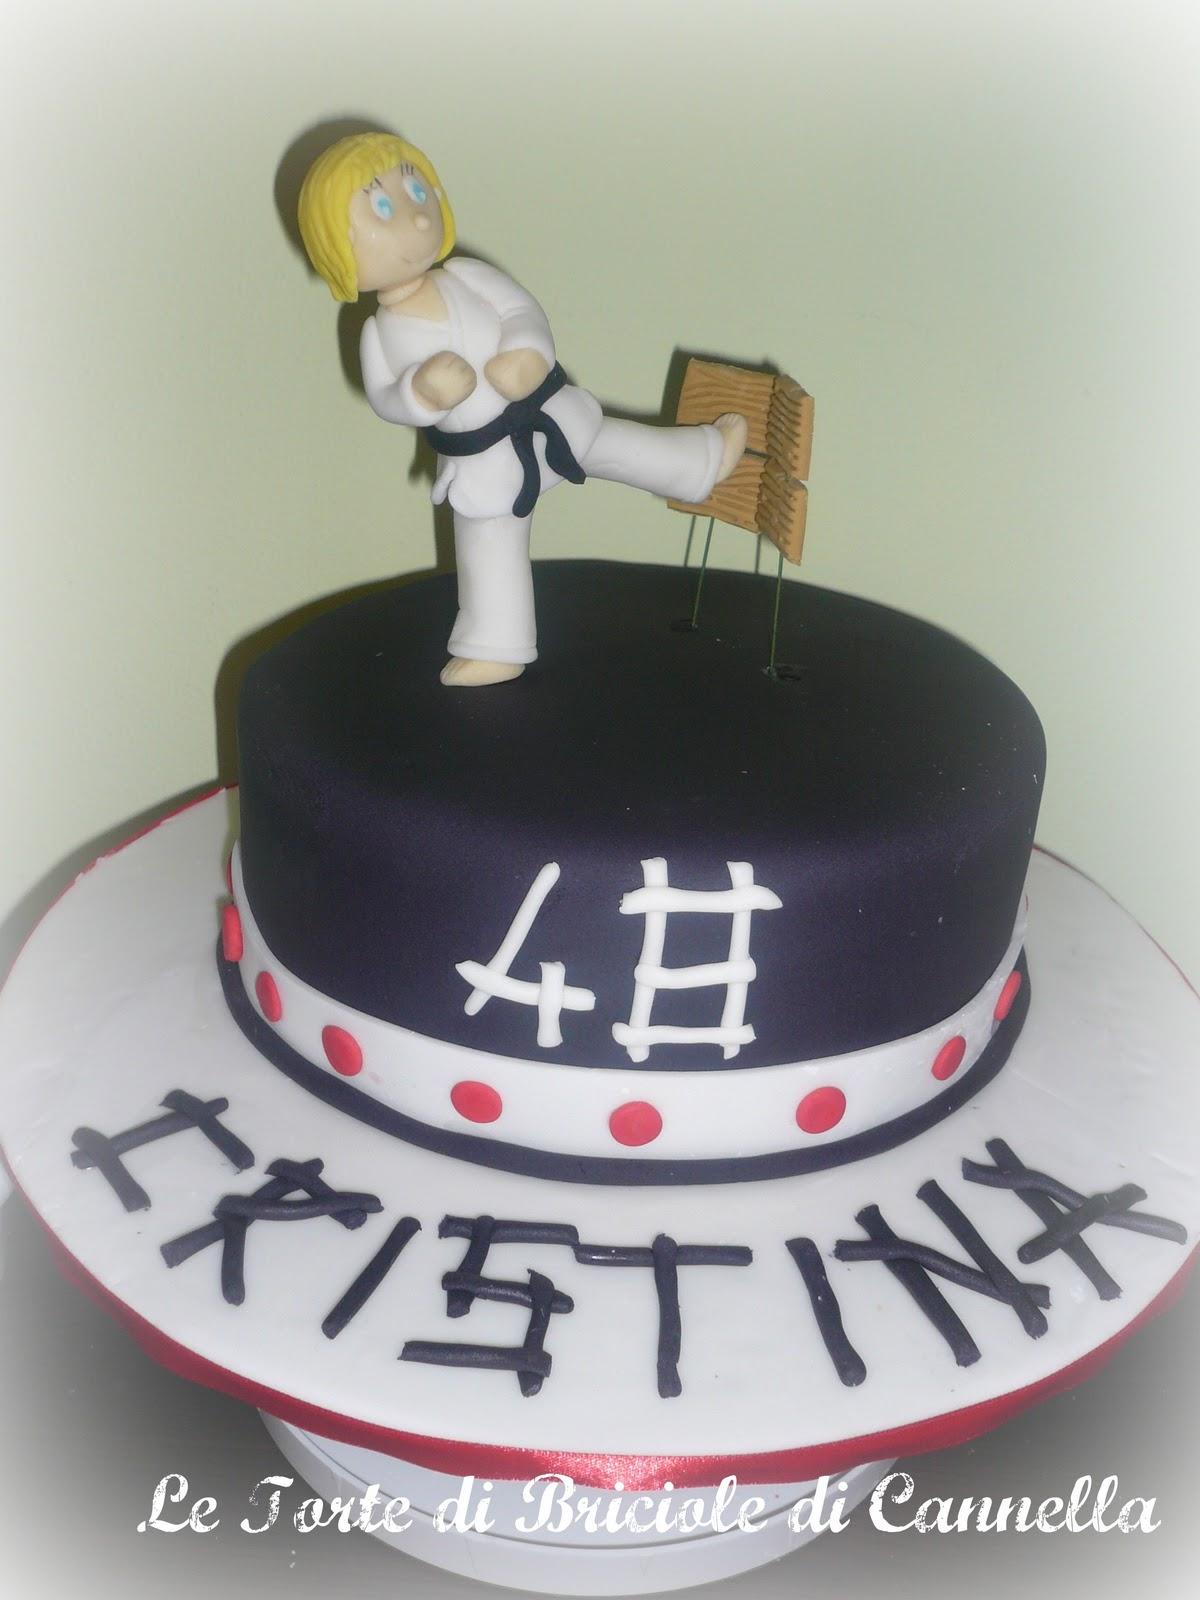 Le torte di briciole di cannella torta karate for Decorazione torte karate